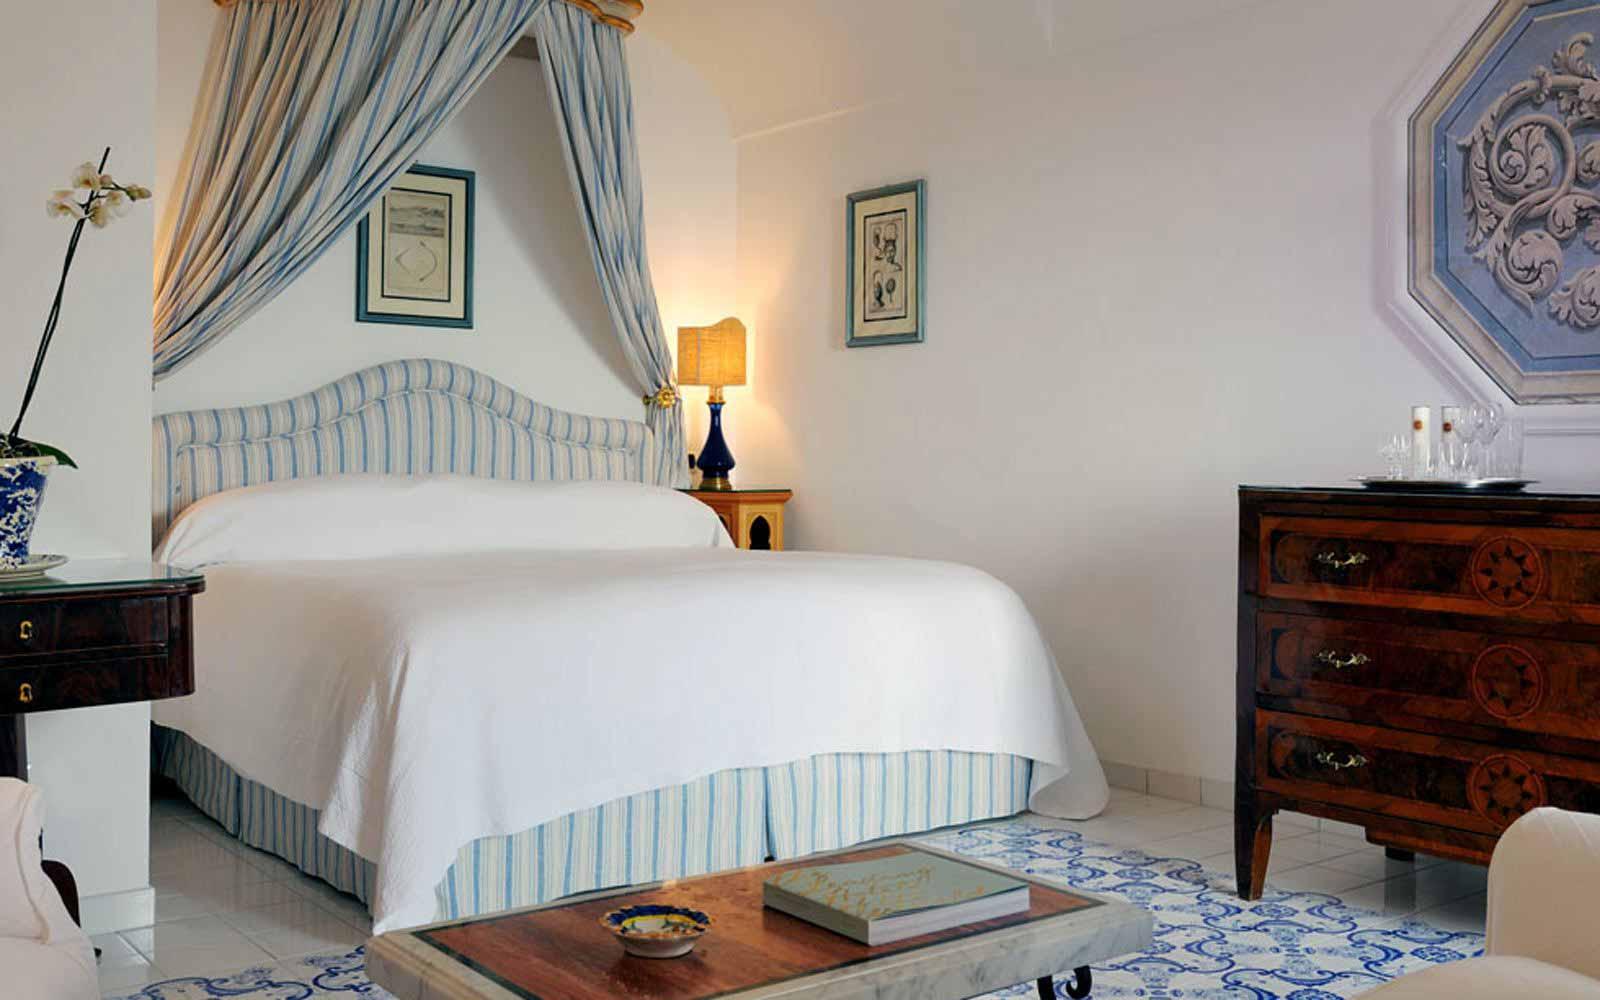 Standard room at Le Sirenuse